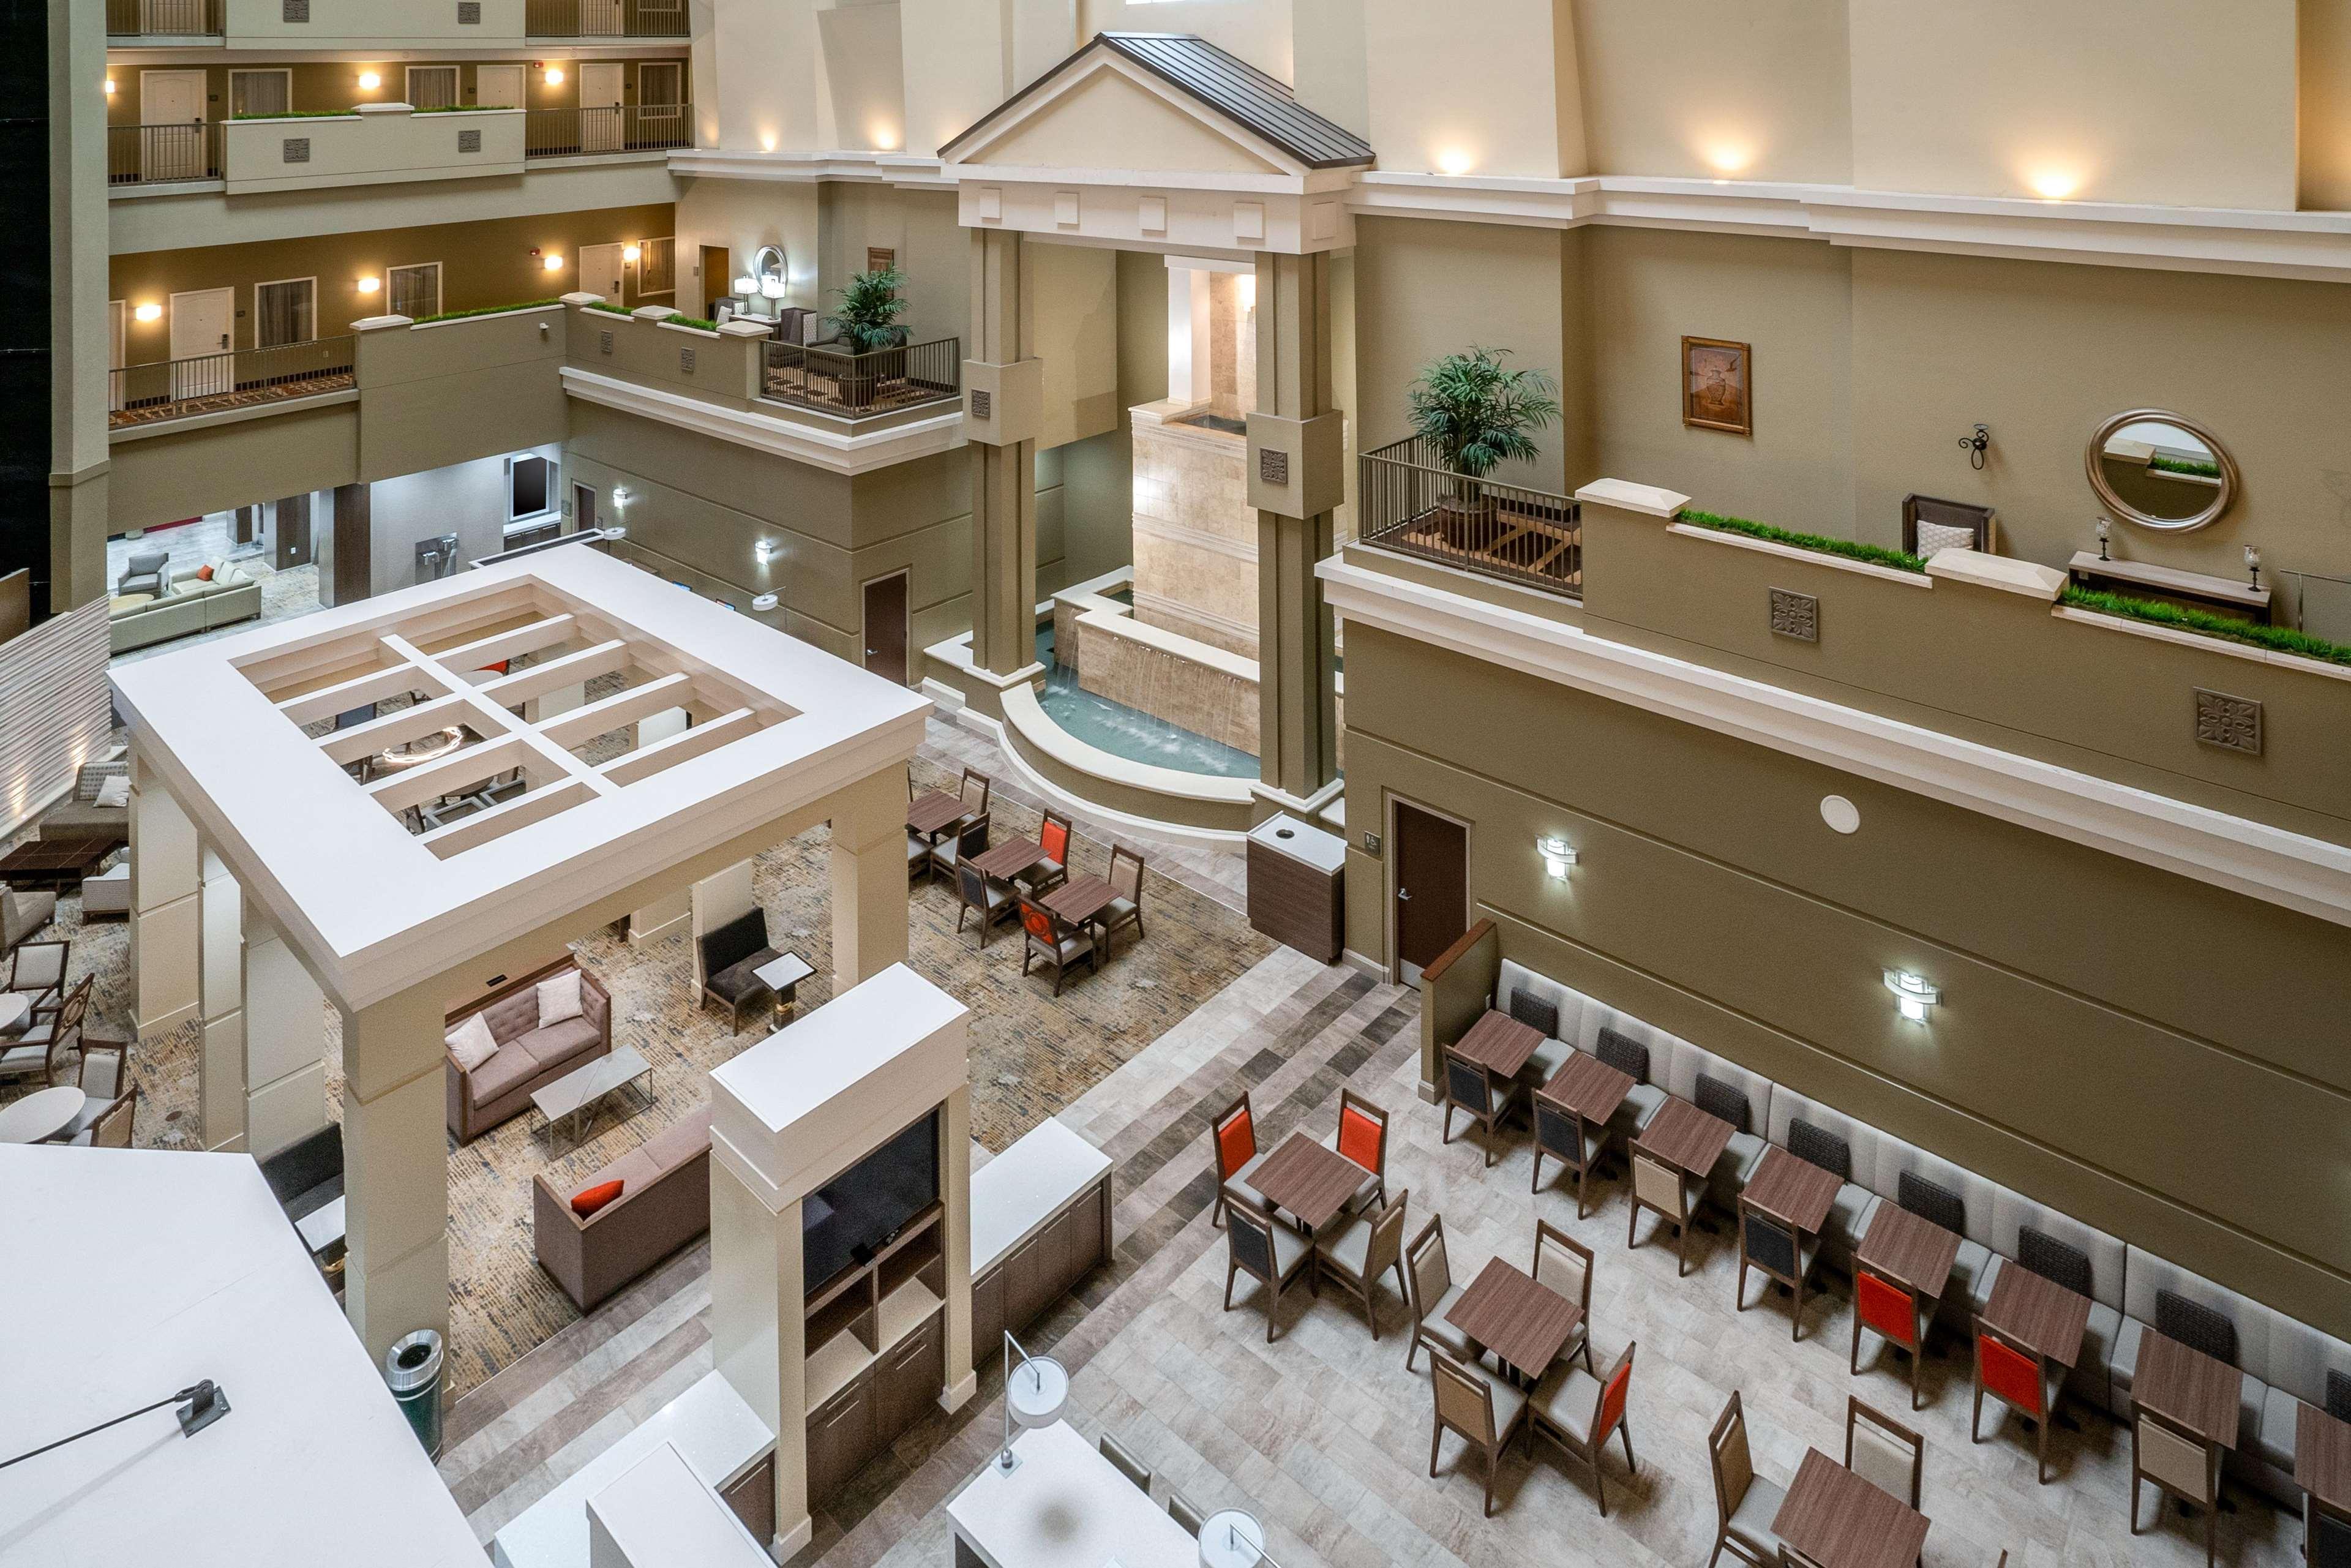 Embassy Suites by Hilton Nashville at Vanderbilt image 10